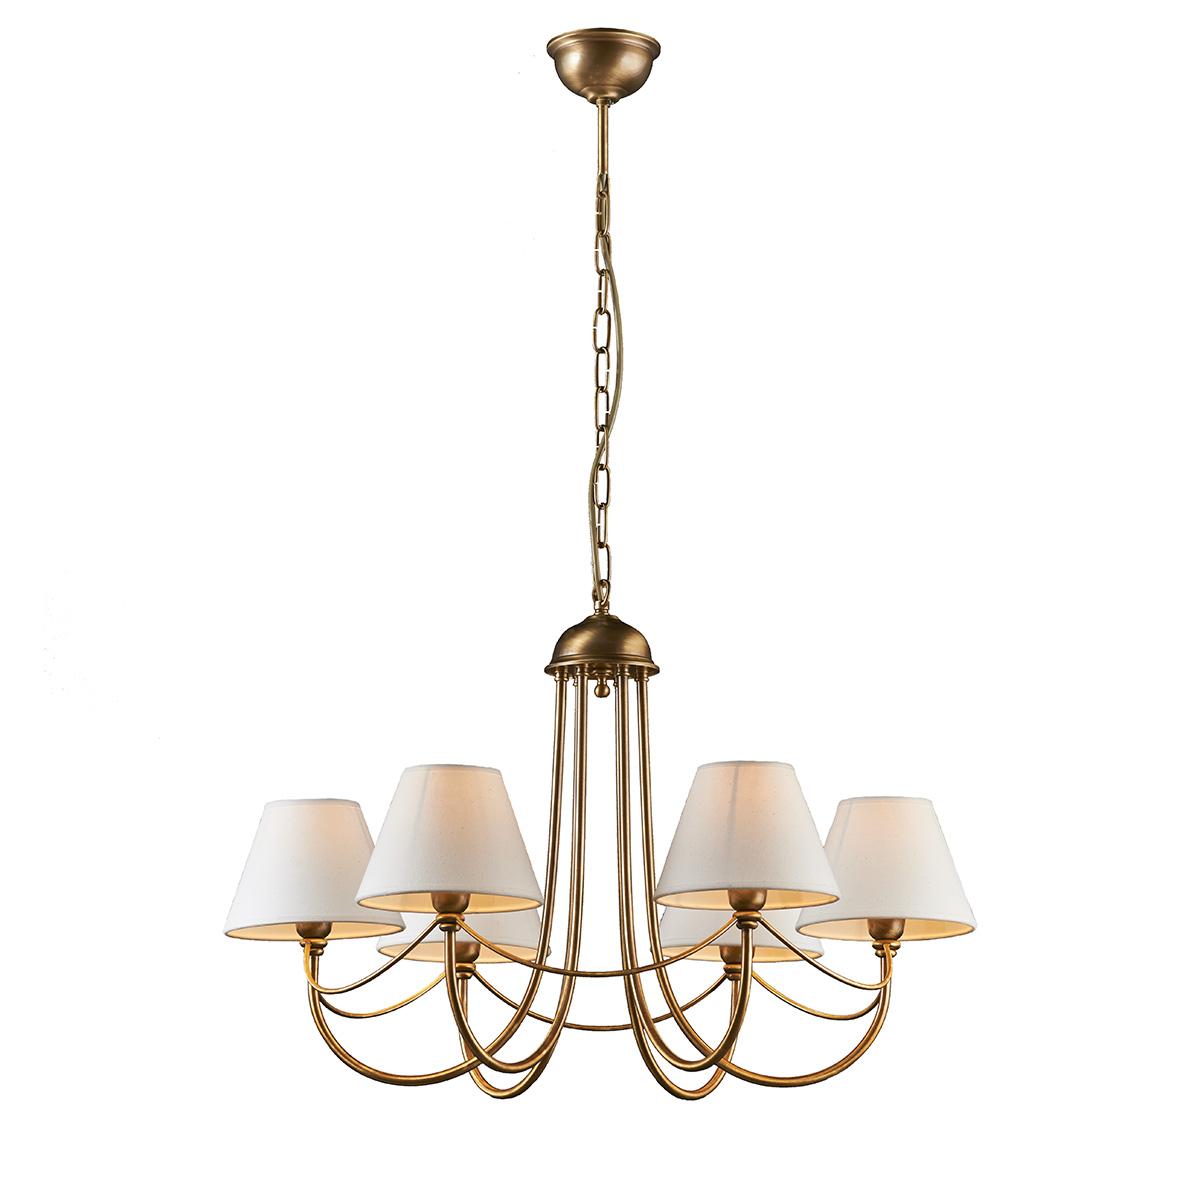 6φωτο φωτιστικό με καπέλα ΓΥΘΕΙΟ 6-bulb chandelier with shades